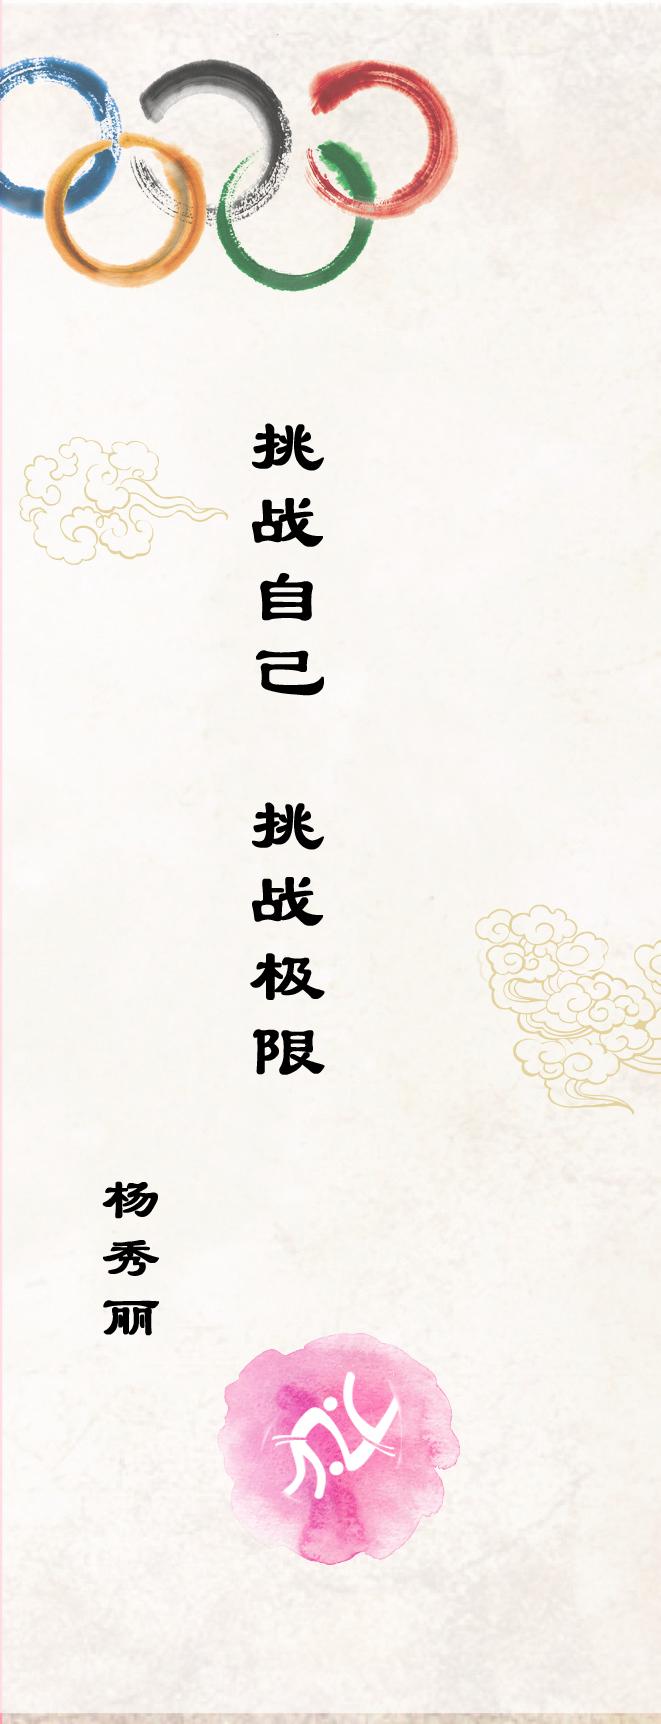 杨秀丽:挑战自己 挑战极限